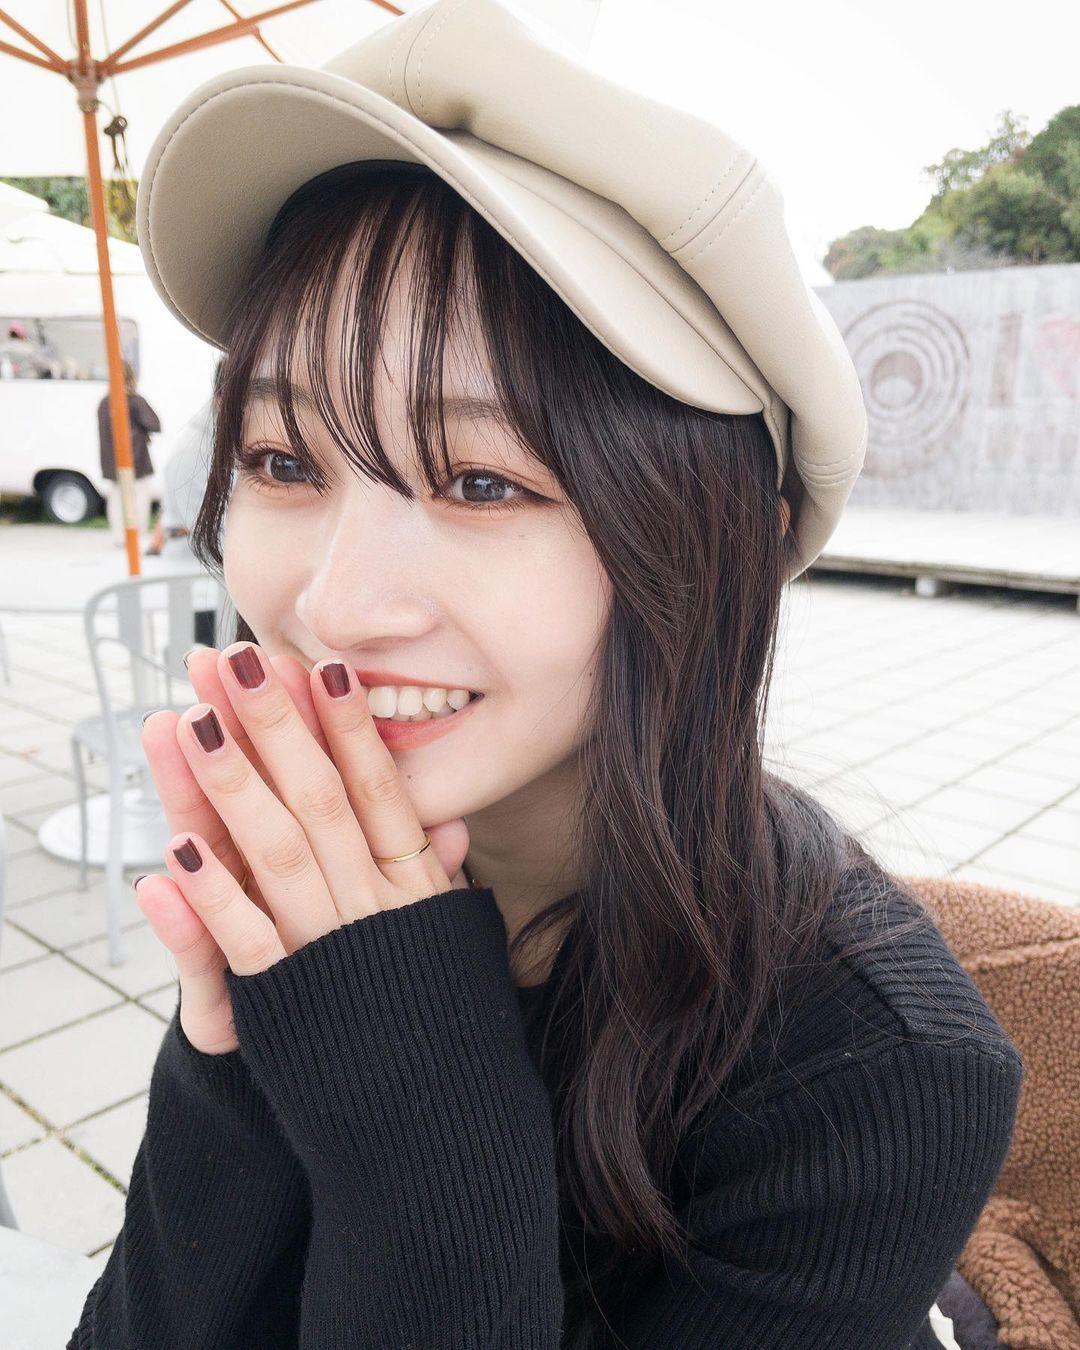 NMB48次世代王牌山本彩加引退转当护理师超暖原因让人更爱她了 网络美女 第50张